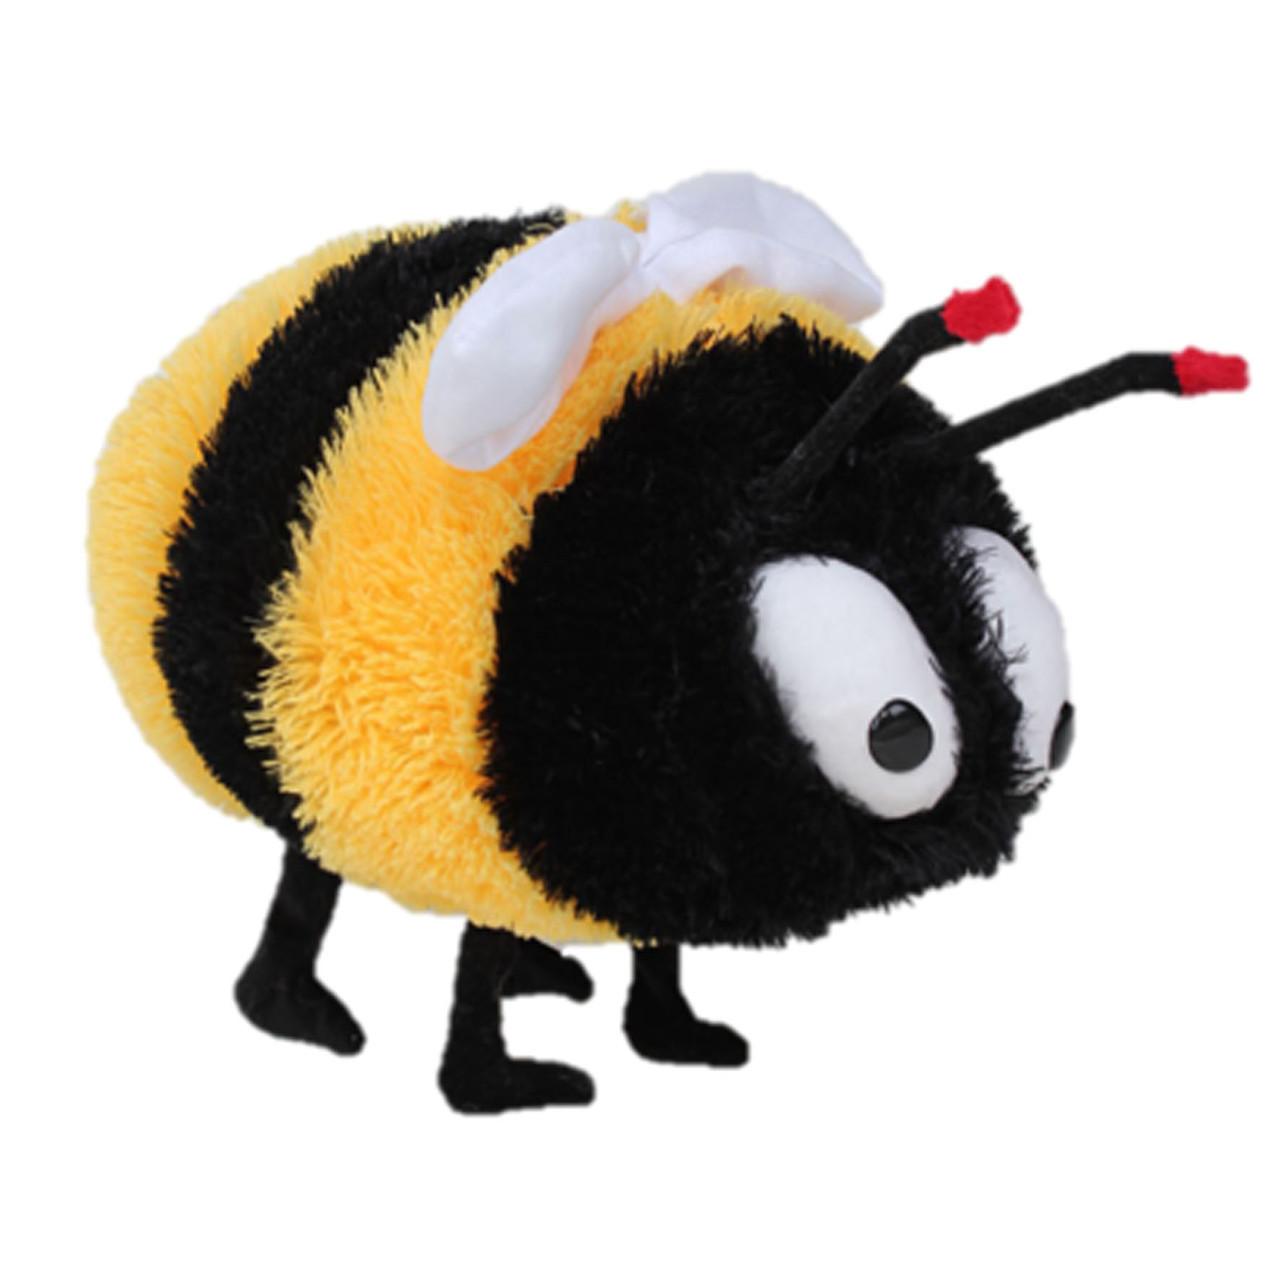 Мягкая игрушка DIZZY Пчелка 43 см желто-черная